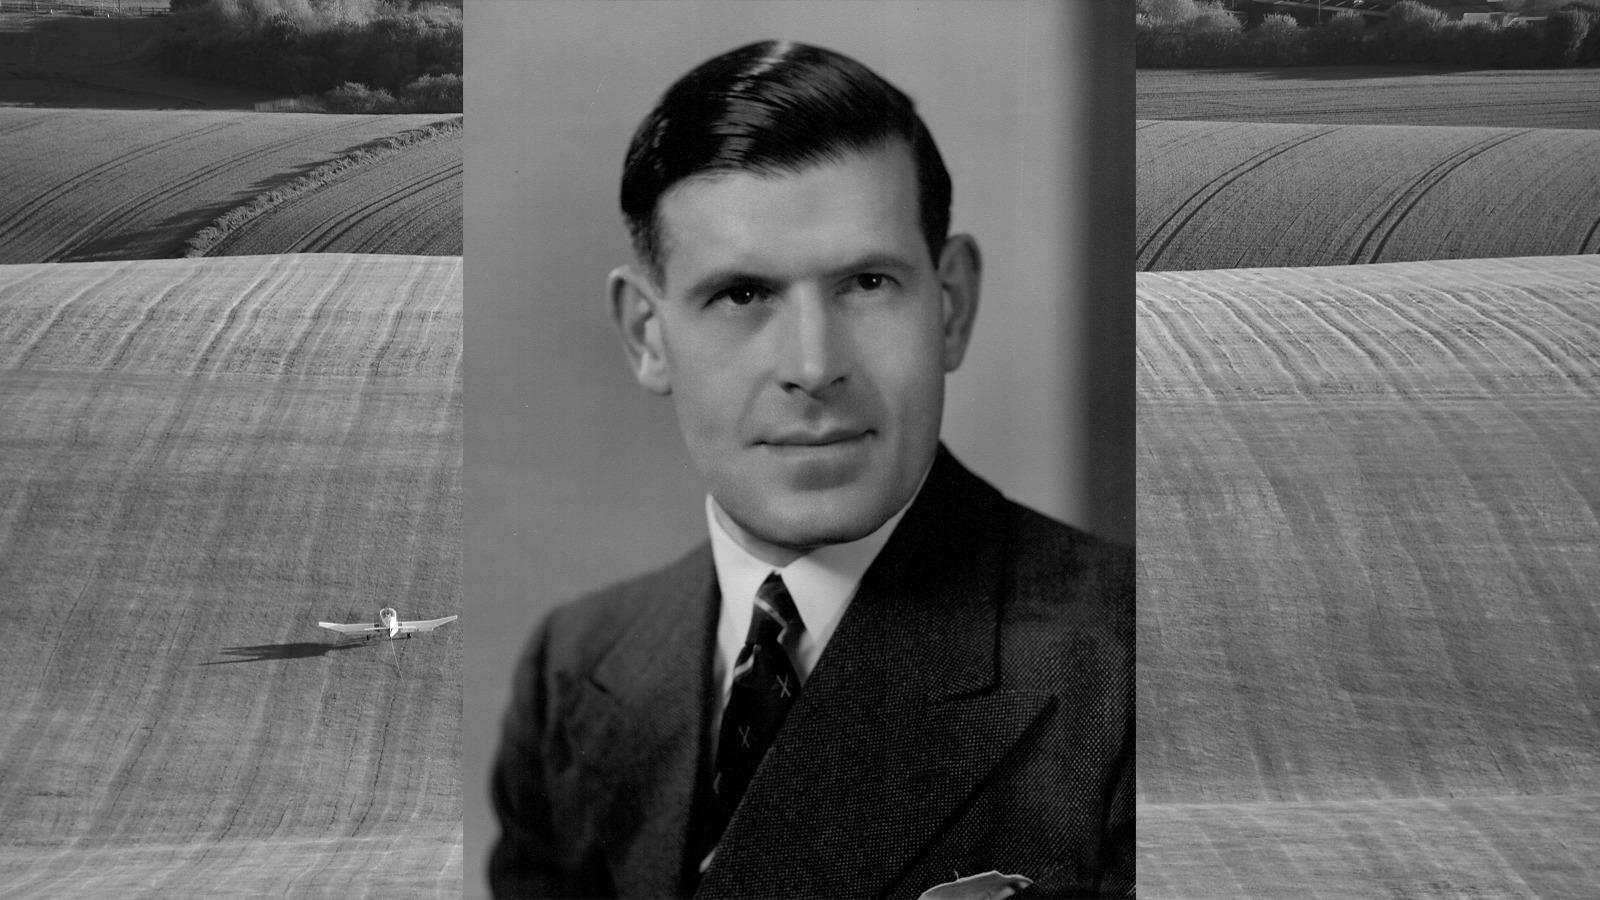 1950 - J Facer